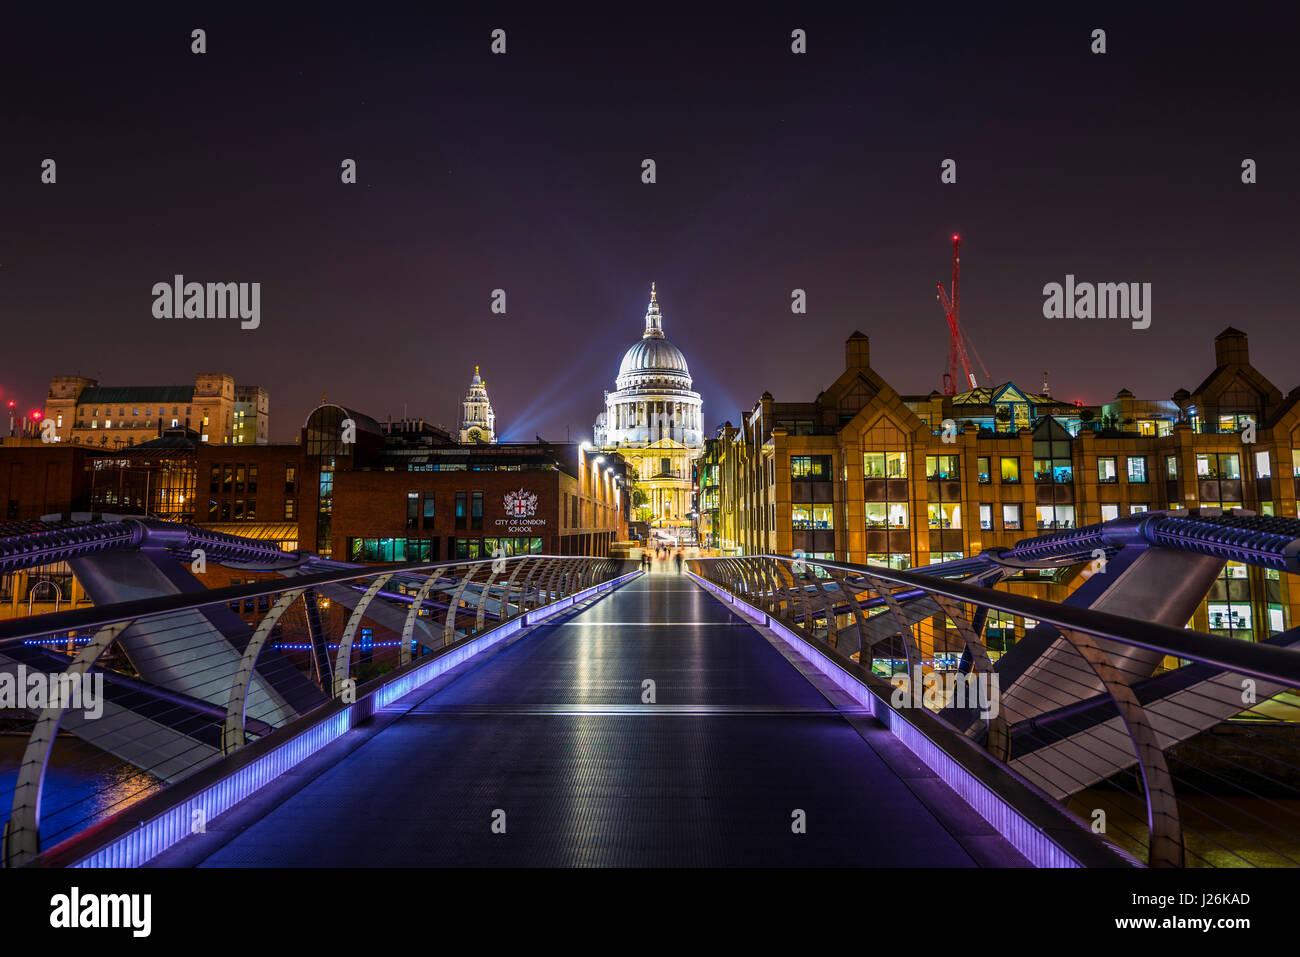 Illuminated Millennium Bridge and St. Paul's Cathedral, night shot, London, England, United Kingdom - Stock Image